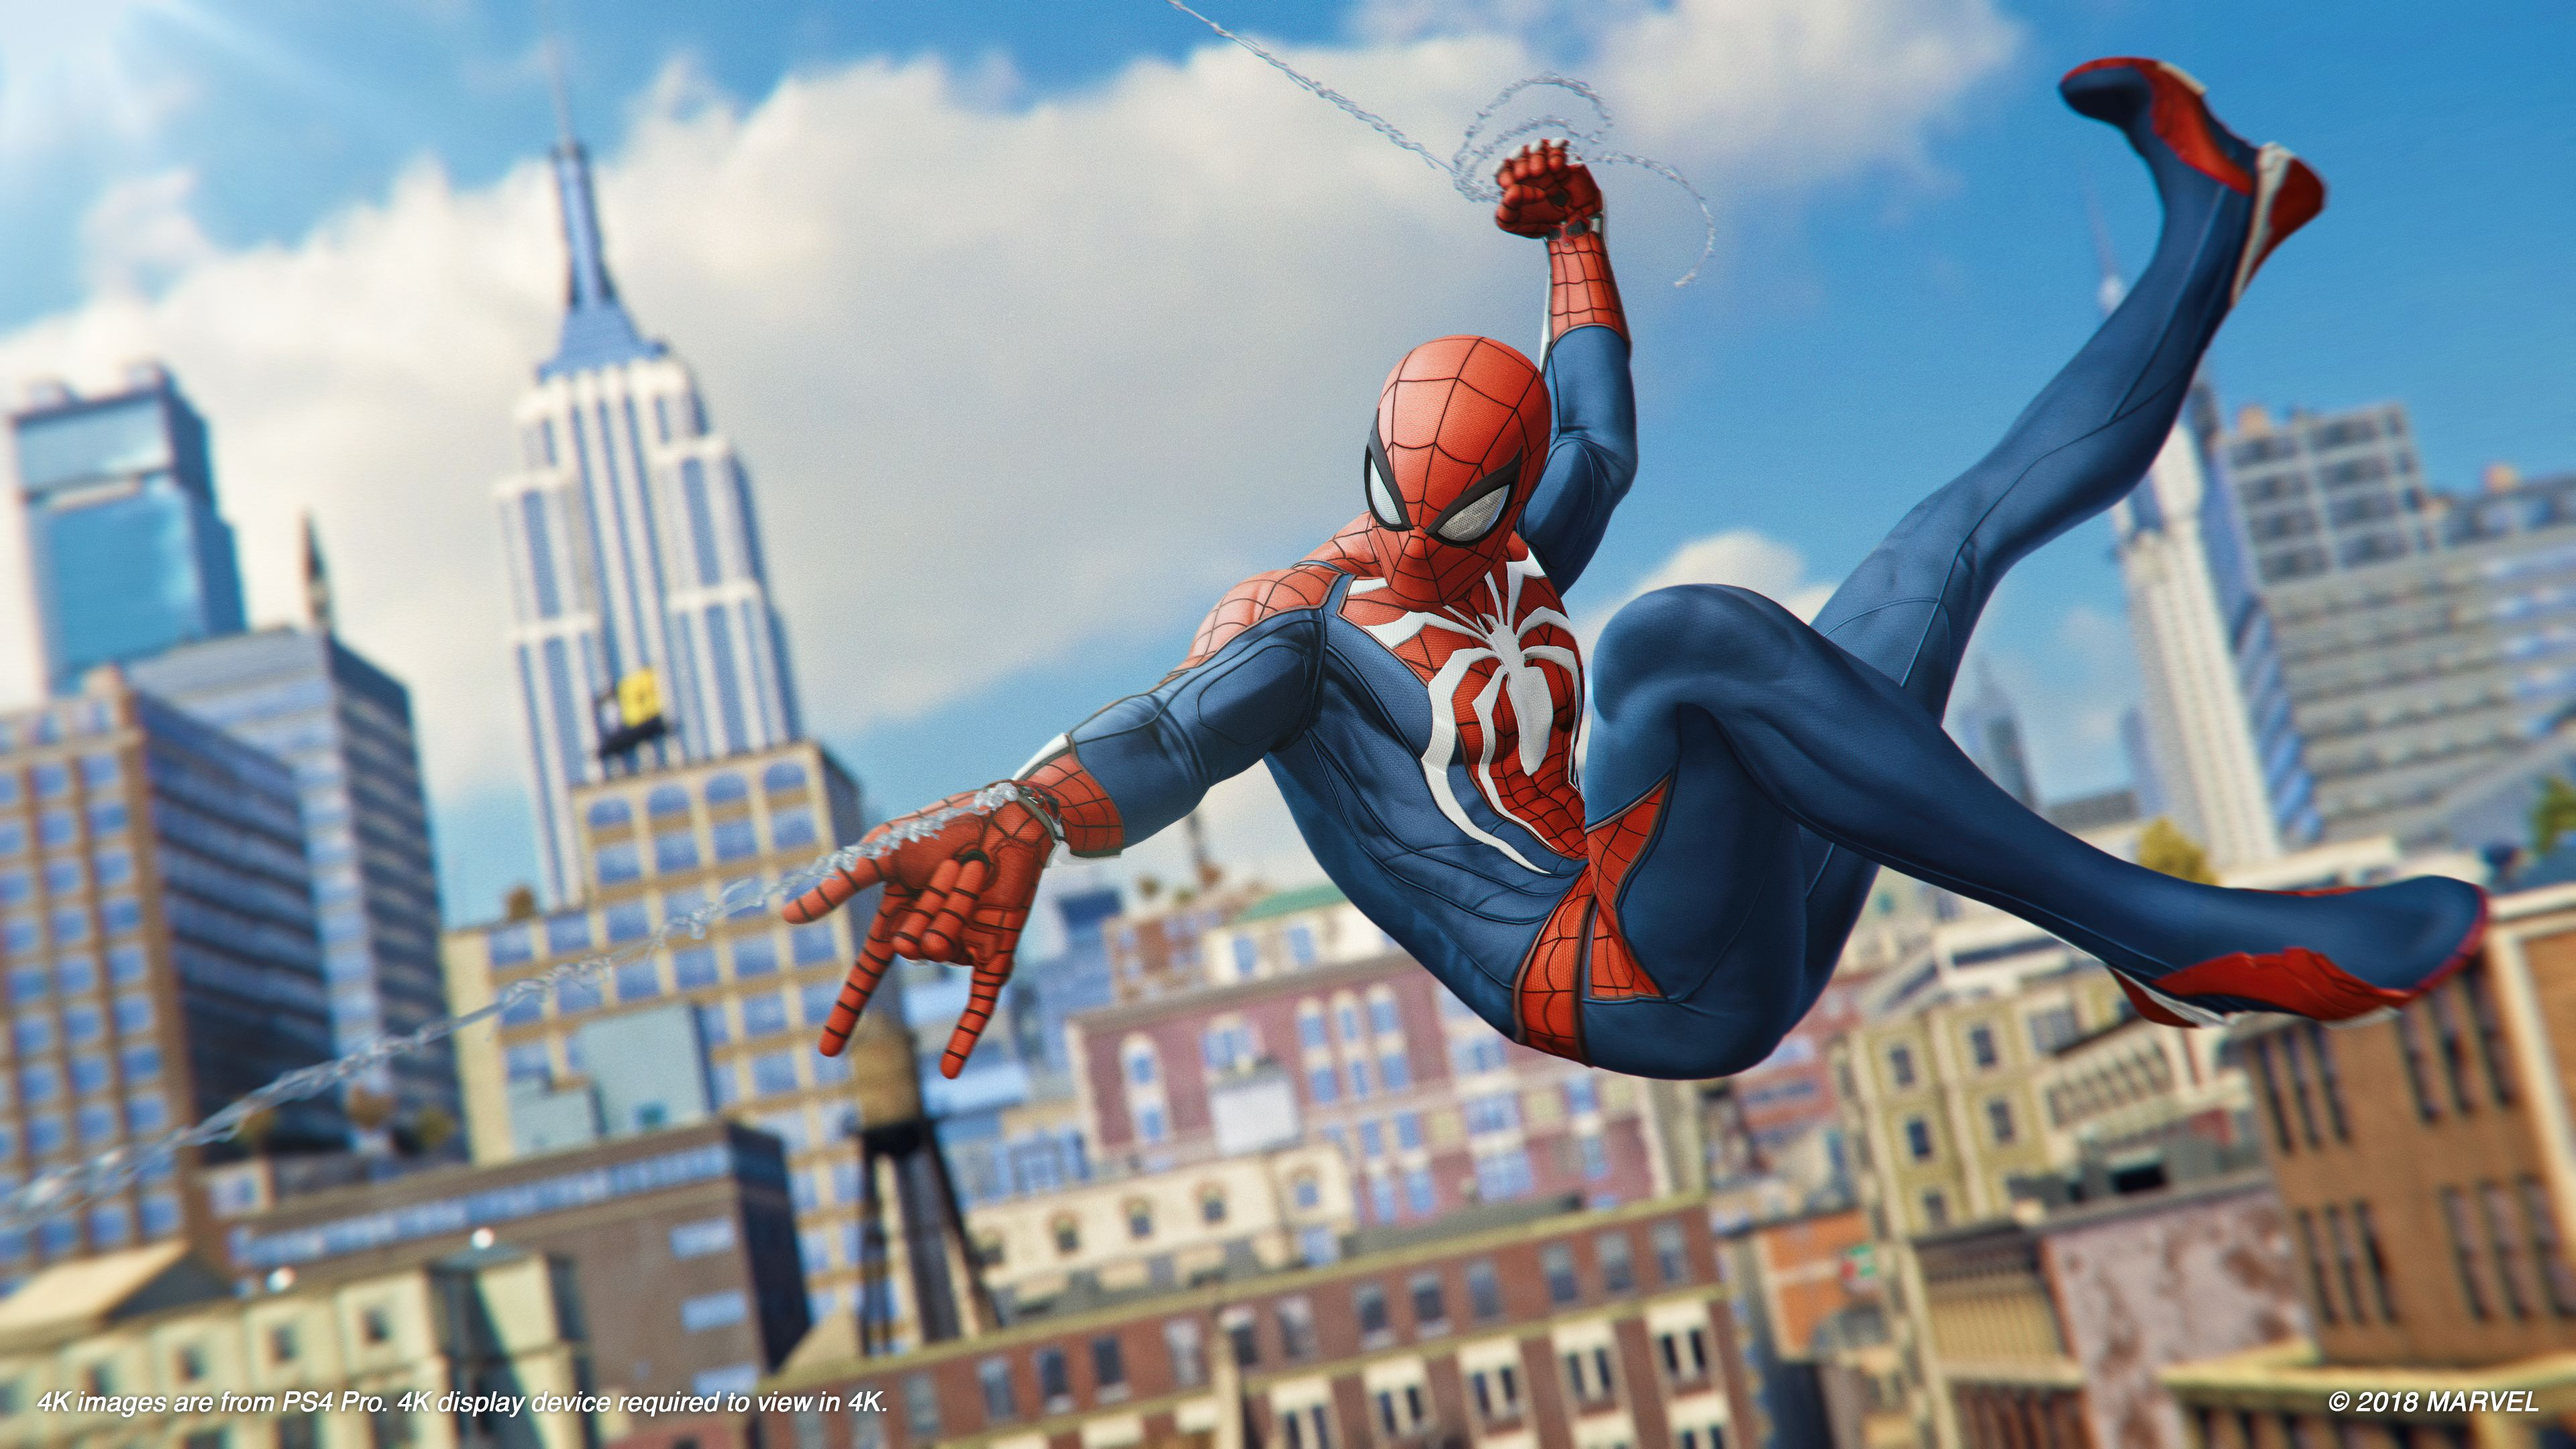 新闻资讯_PS4《蜘蛛侠》新高清截图放出 蜘蛛侠在城中飞荡战斗_3DM单机